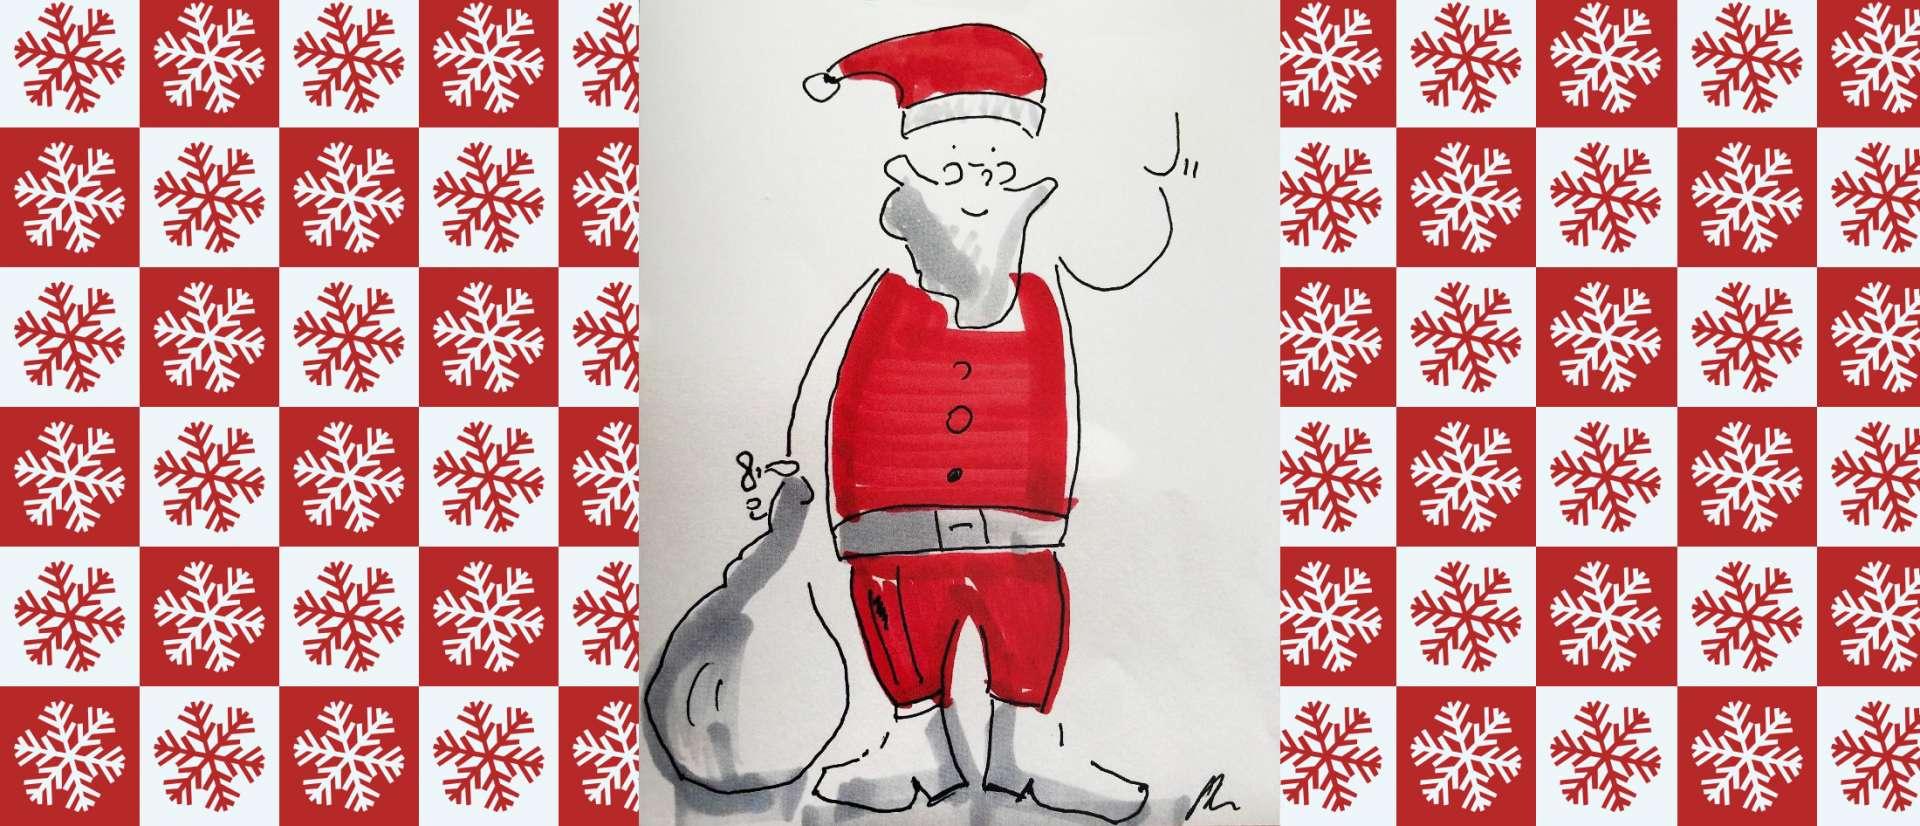 Happy Santa Claus!